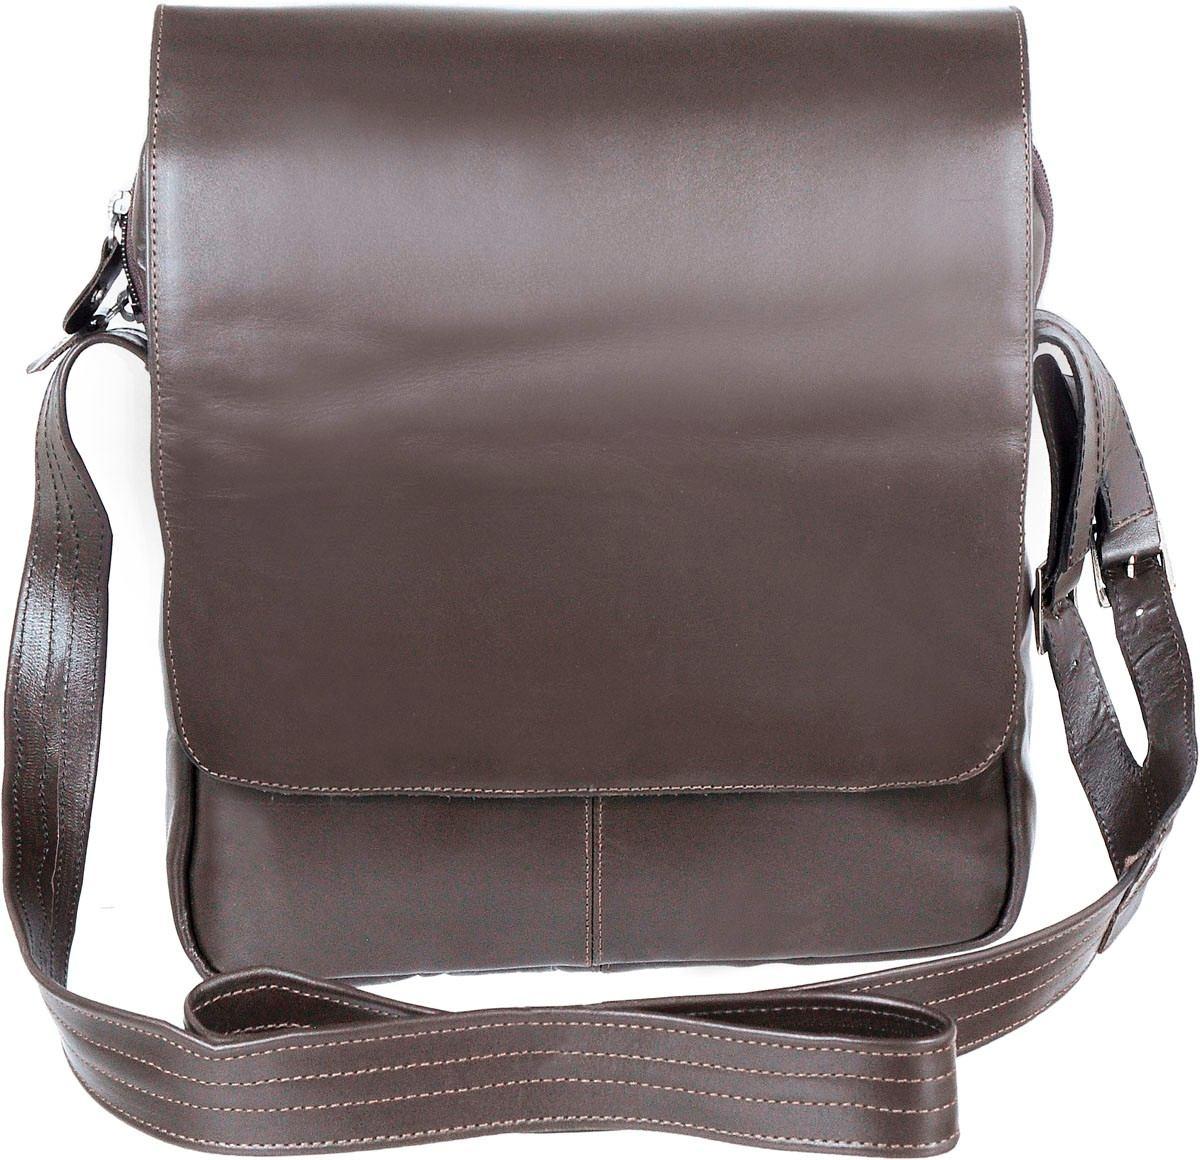 5f9e231b3 bolsa carteiro café pequena couro masculina feminina oferta. Carregando  zoom.